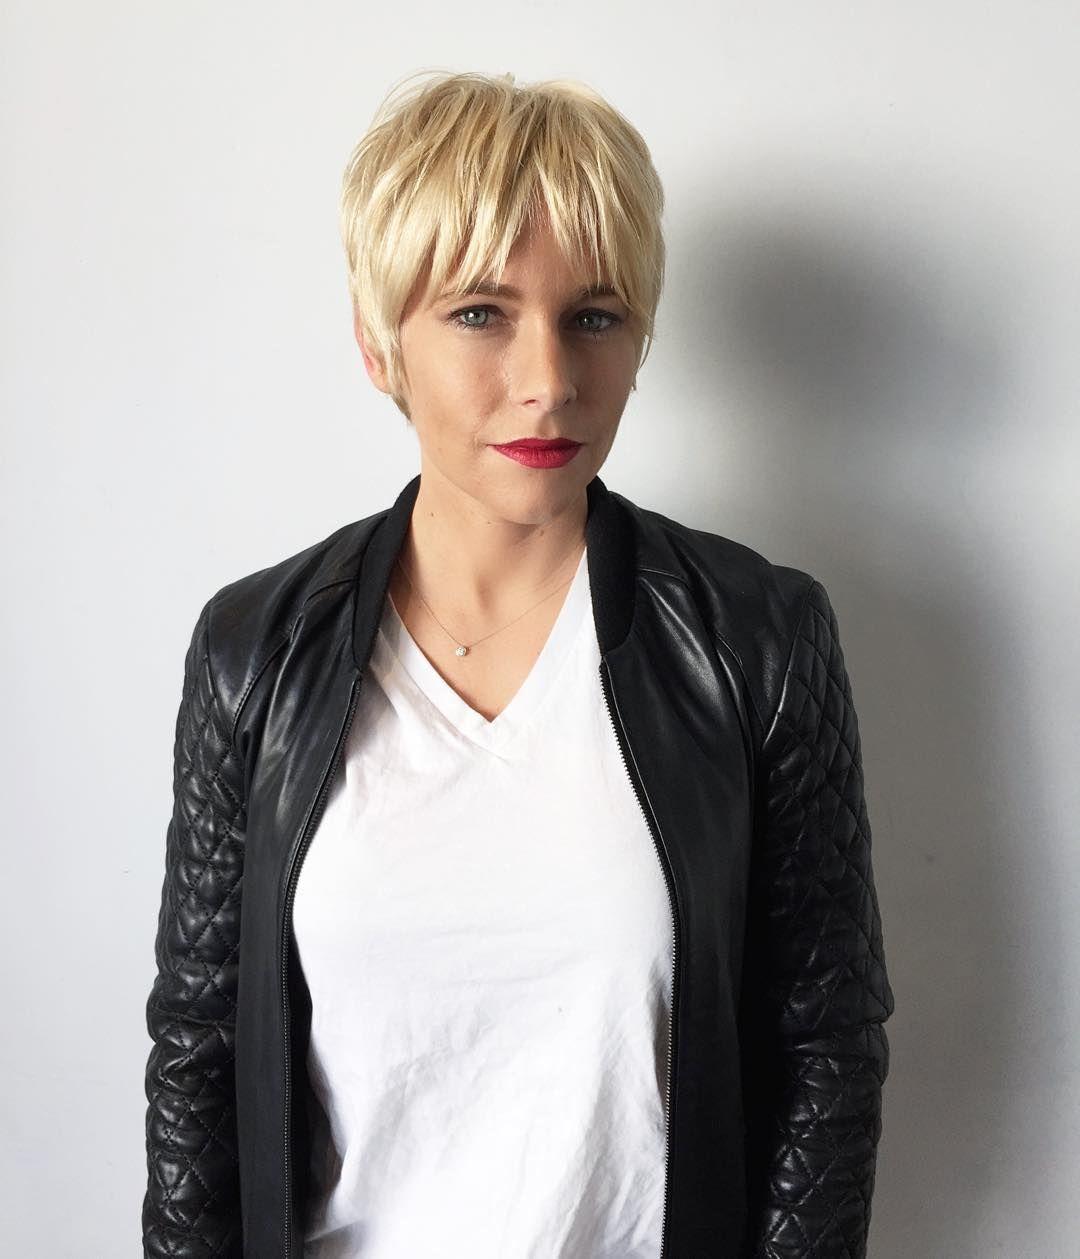 exquisite blonde razor cut | hairstyles | pinterest | ideas